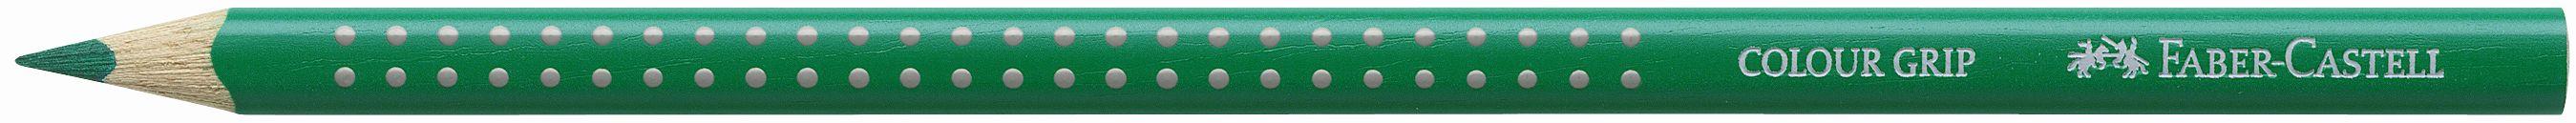 Pastelka Color Grip / 163 zeleň veronská Faber Castell - Akvarelové pastelky Faber Castell - Akvarelové pastelky